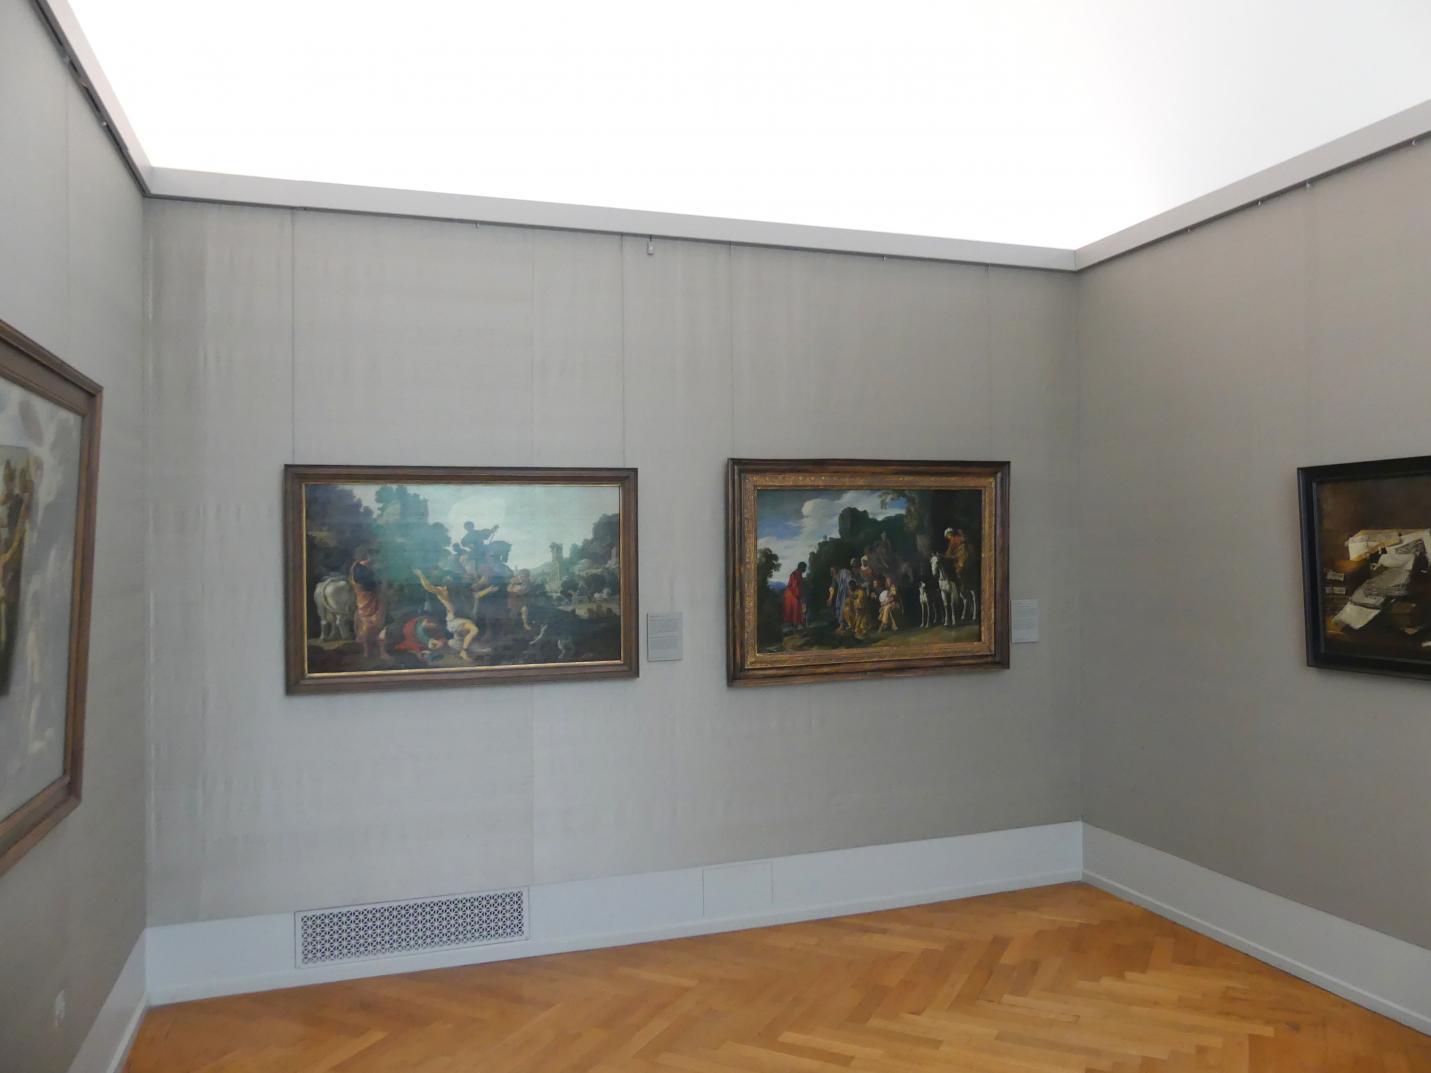 München, Alte Pinakothek, Obergeschoss Kabinett 14-16